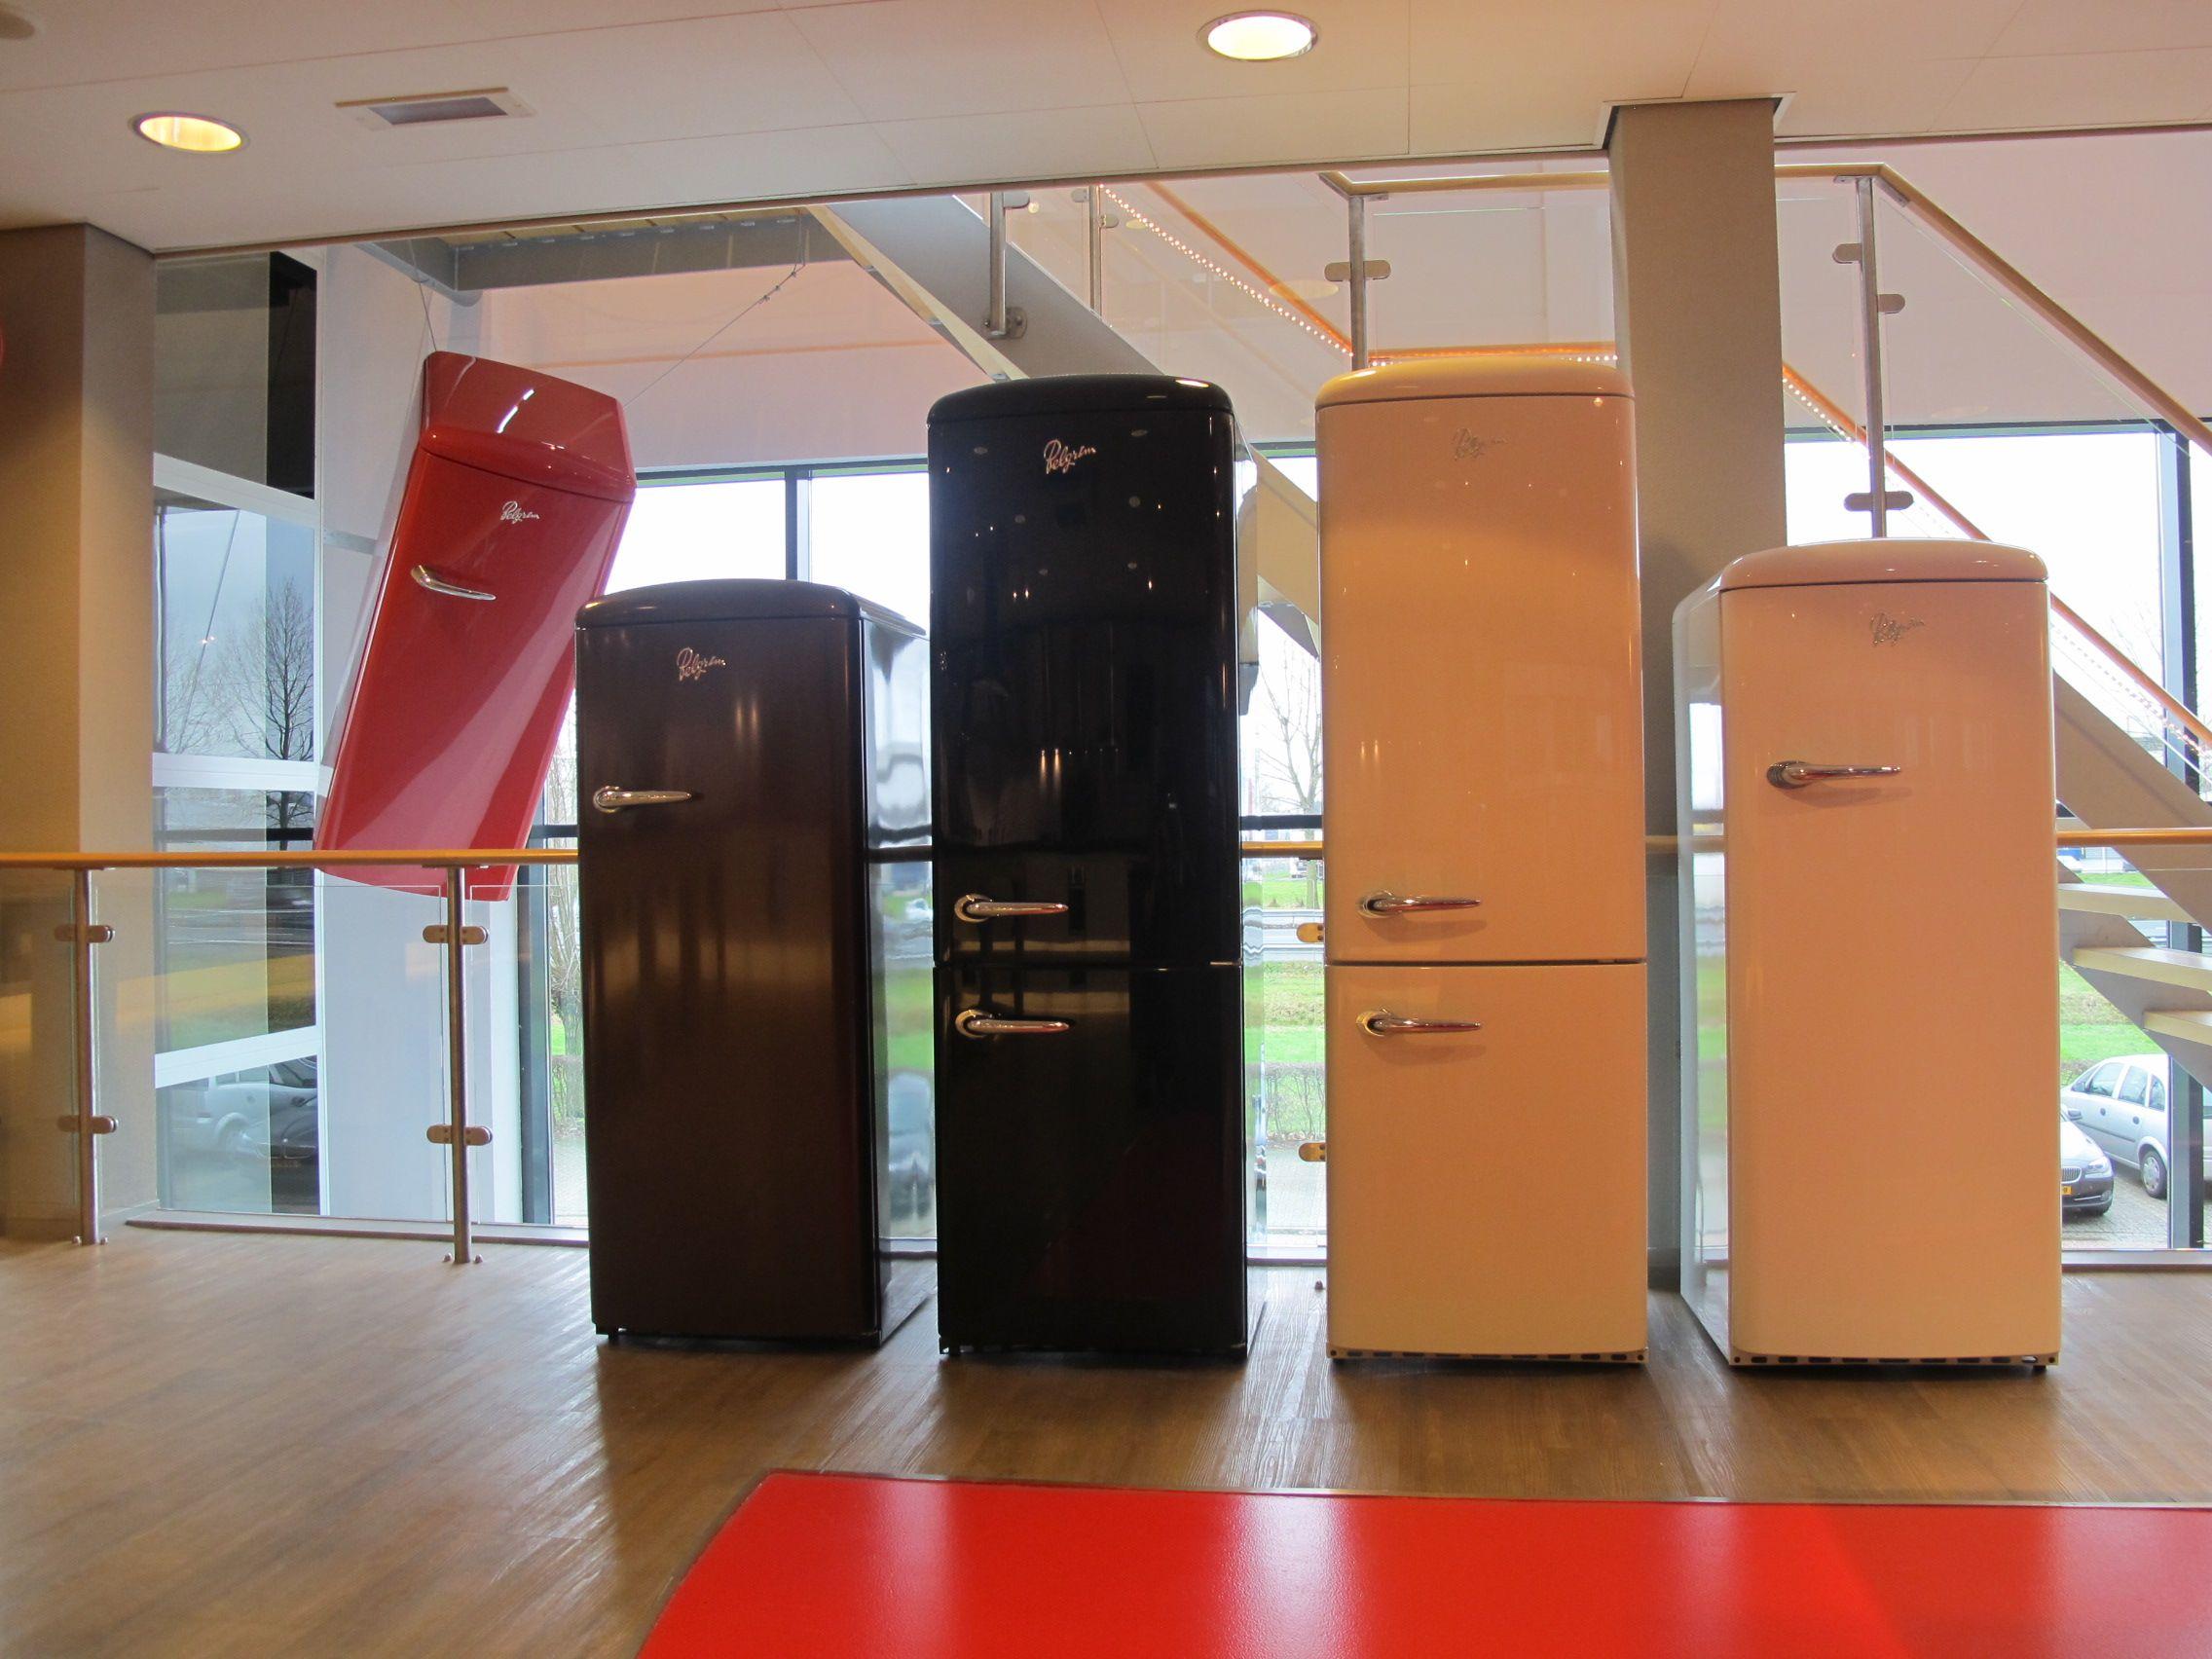 Retro Pelgrim Koelkast : Retro koelkasten in alle kleuren! pelgrim showroom duiven